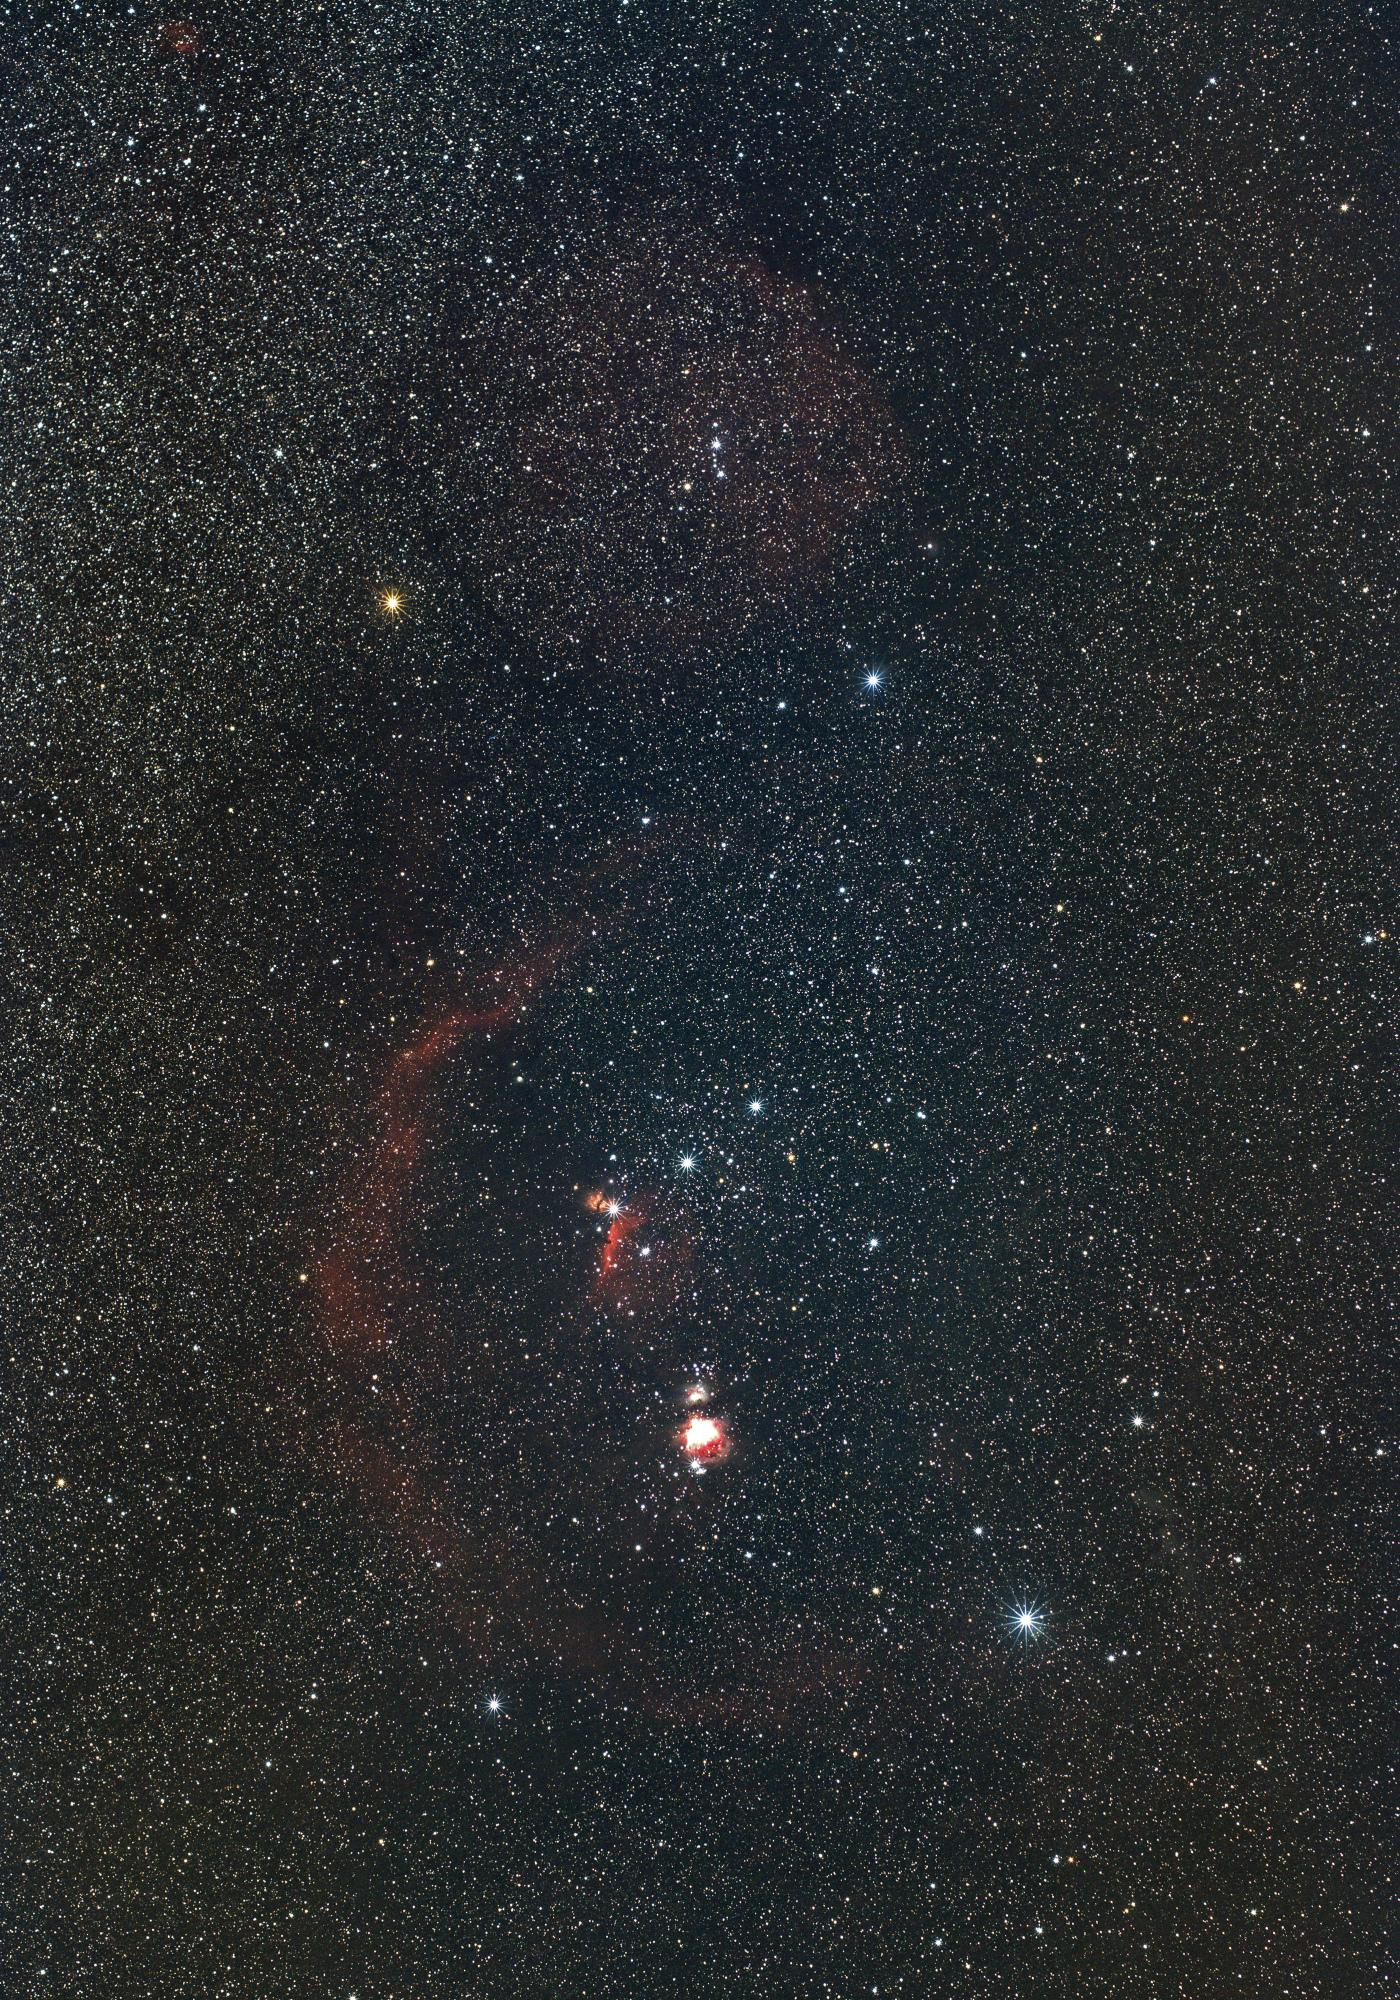 Orion 50 STC 240 x 30 a 1000 ISO 5.6 GRA V1 BD.jpg